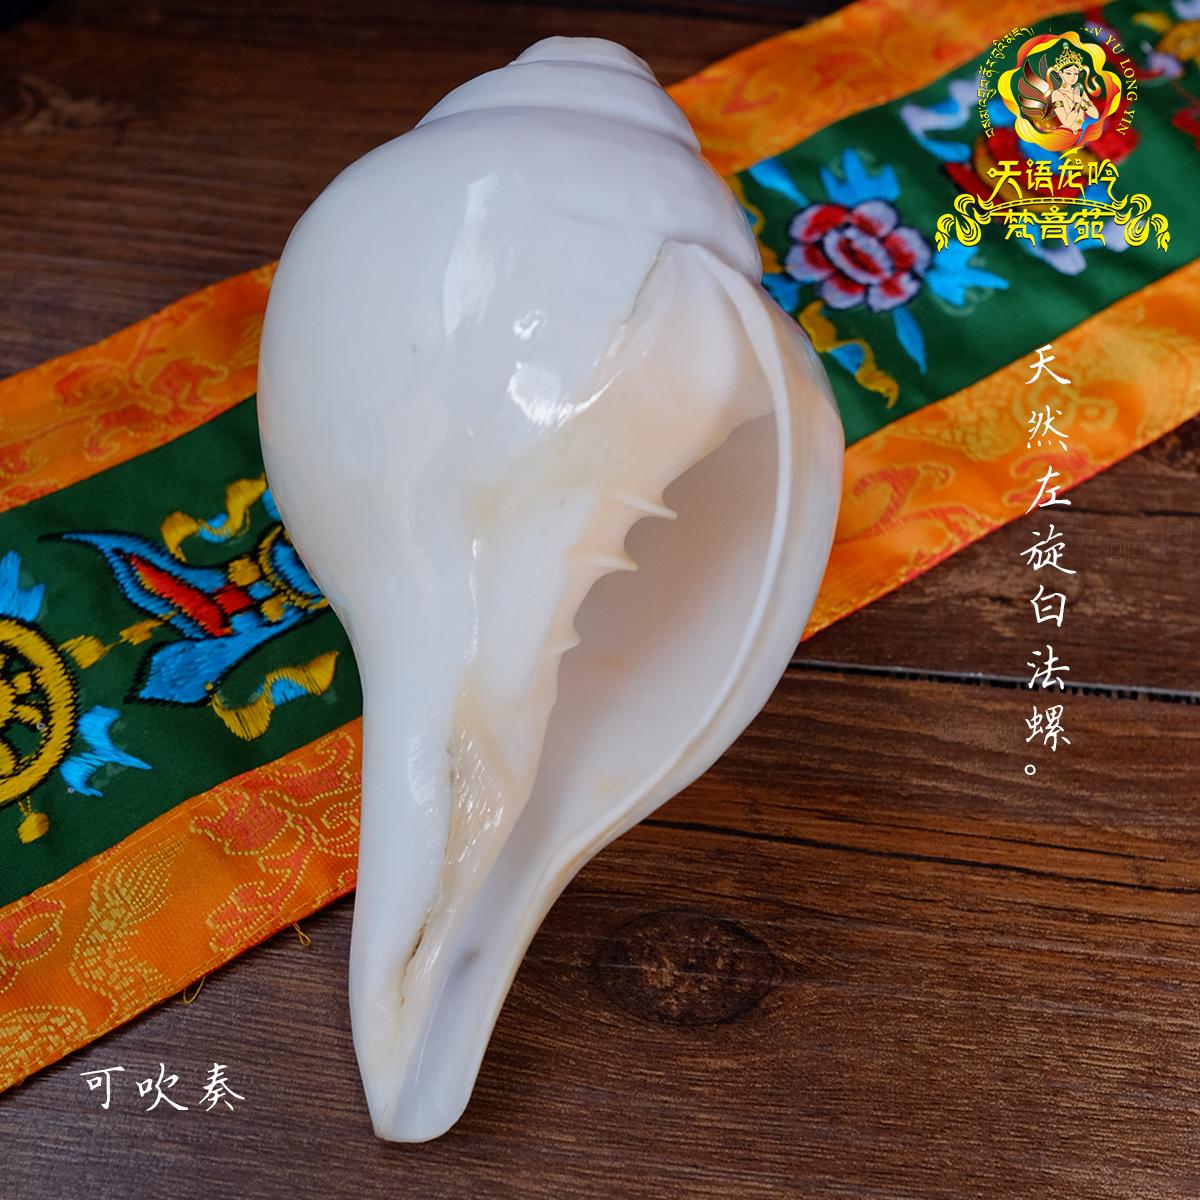 印度白海螺尼泊尔八吉祥八供法螺可吹奏左旋密宗法器 Изображение 1